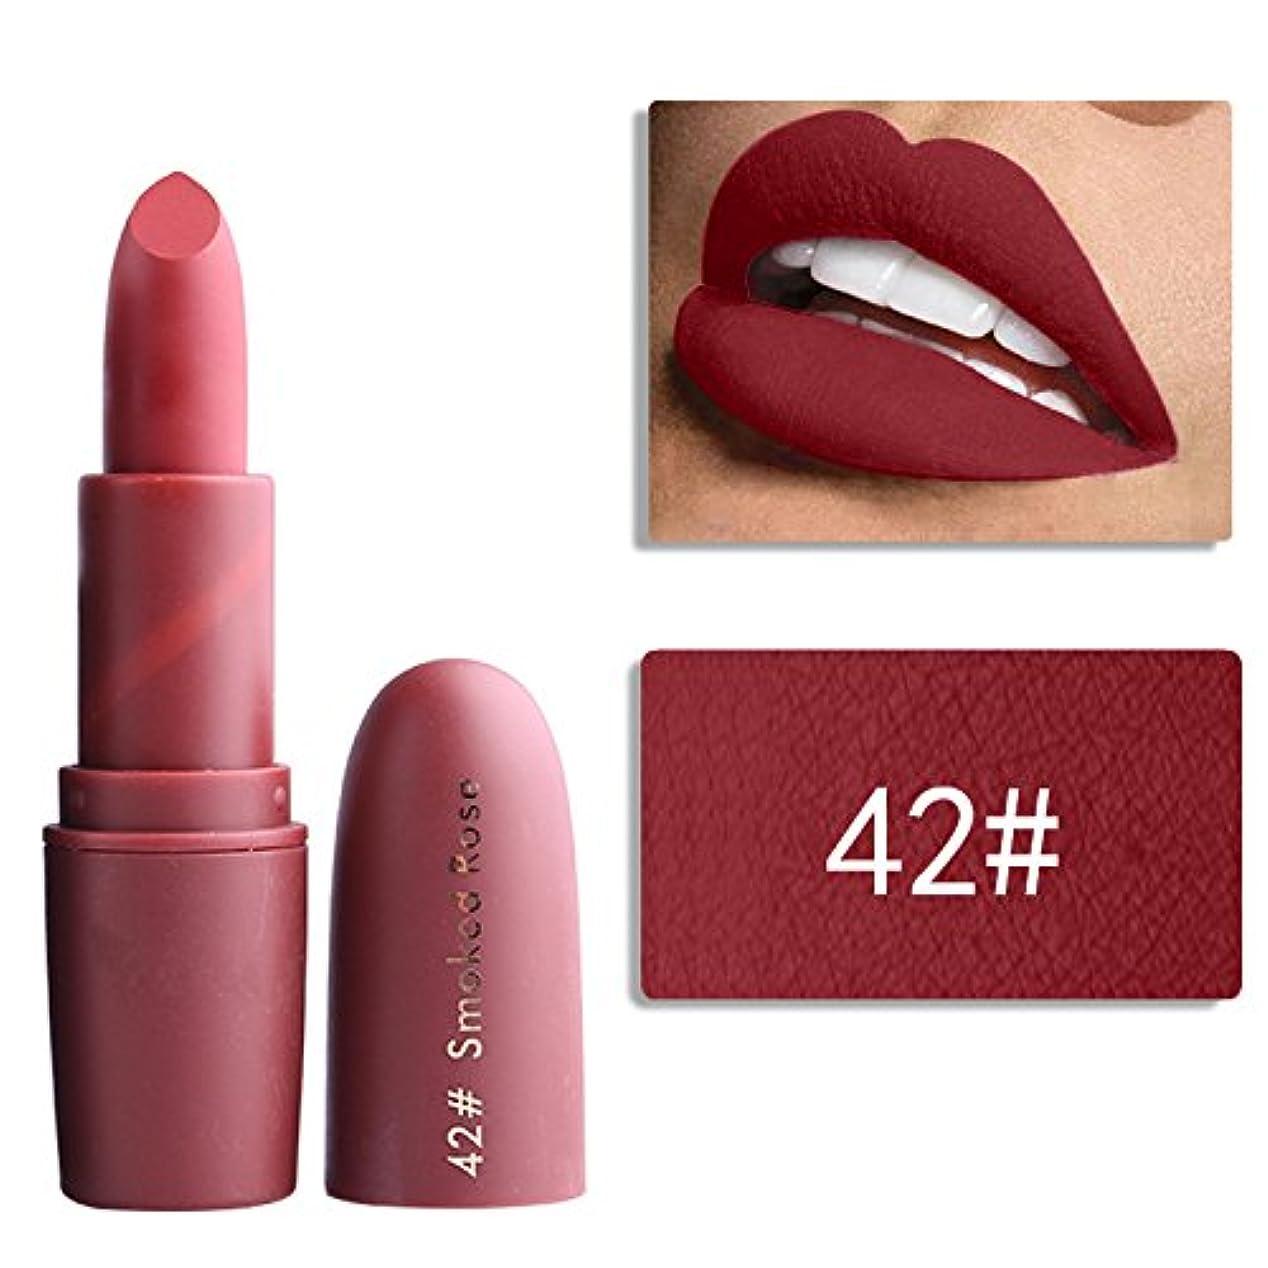 足アーティスト樹皮Miss Rose Nude Lipstick 22 colors Waterproof Vampire Brown Beauty Baby Lips Batom Matte lipstick Makeup Tats Eugenie Margherita